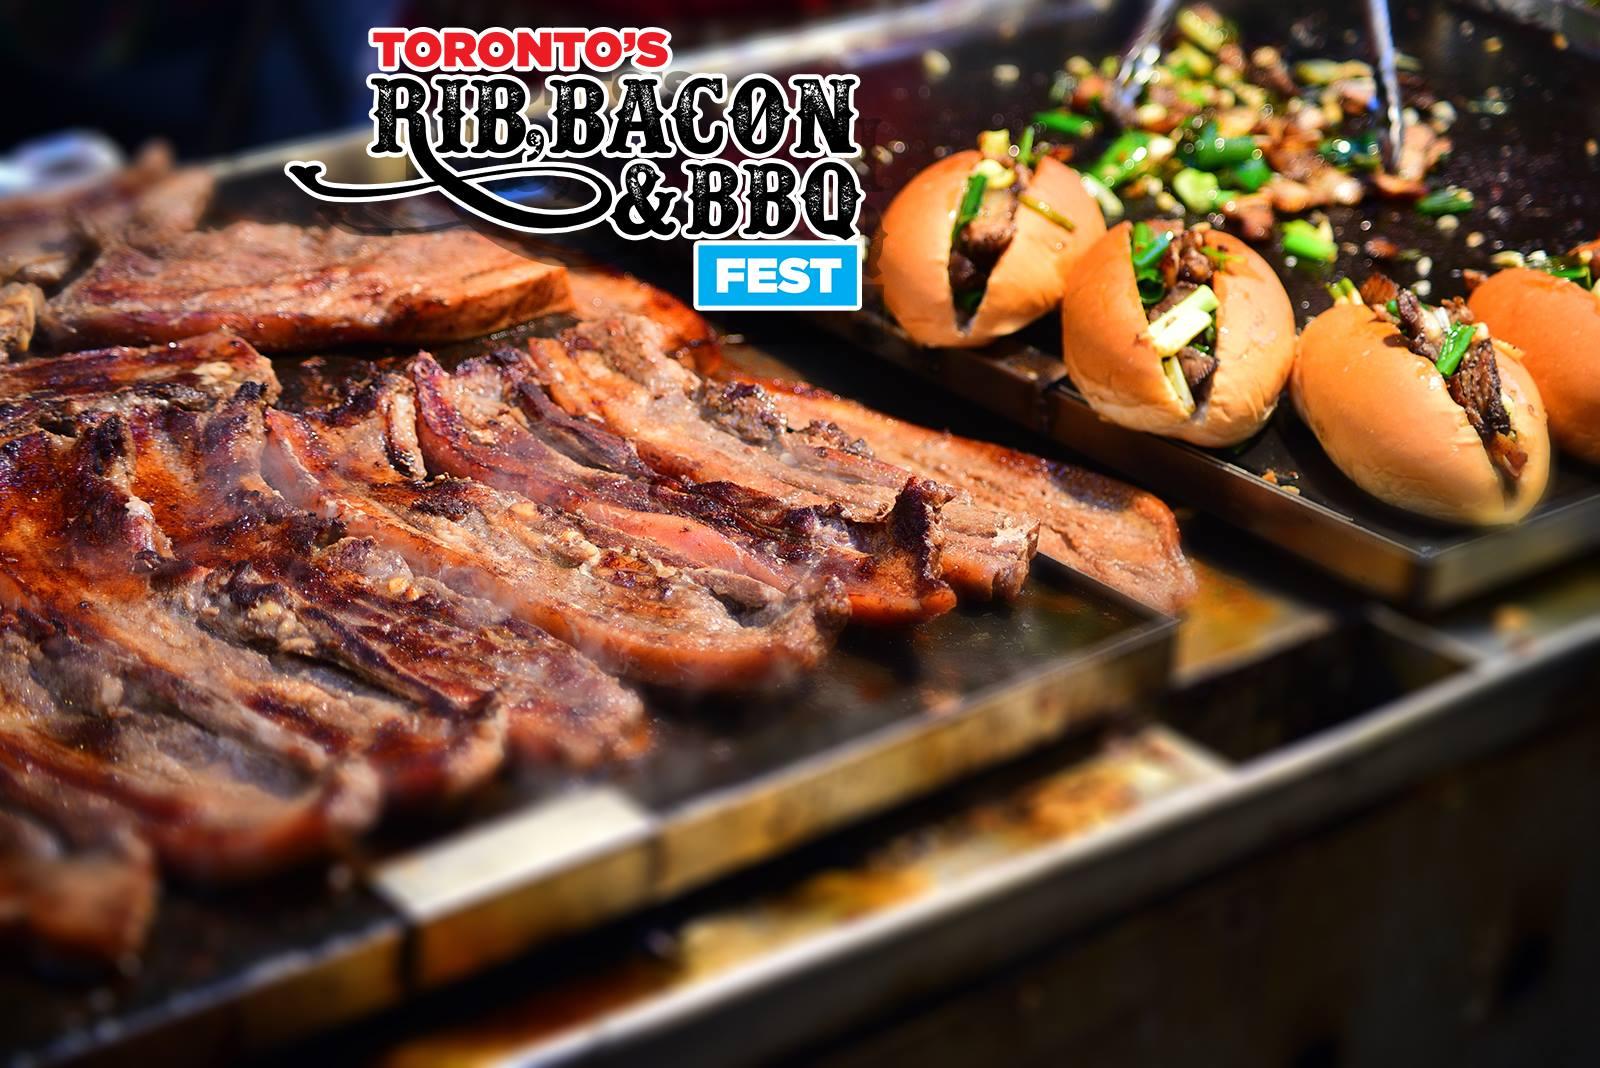 Toronto's Rib, Bacon & BBQ Fest